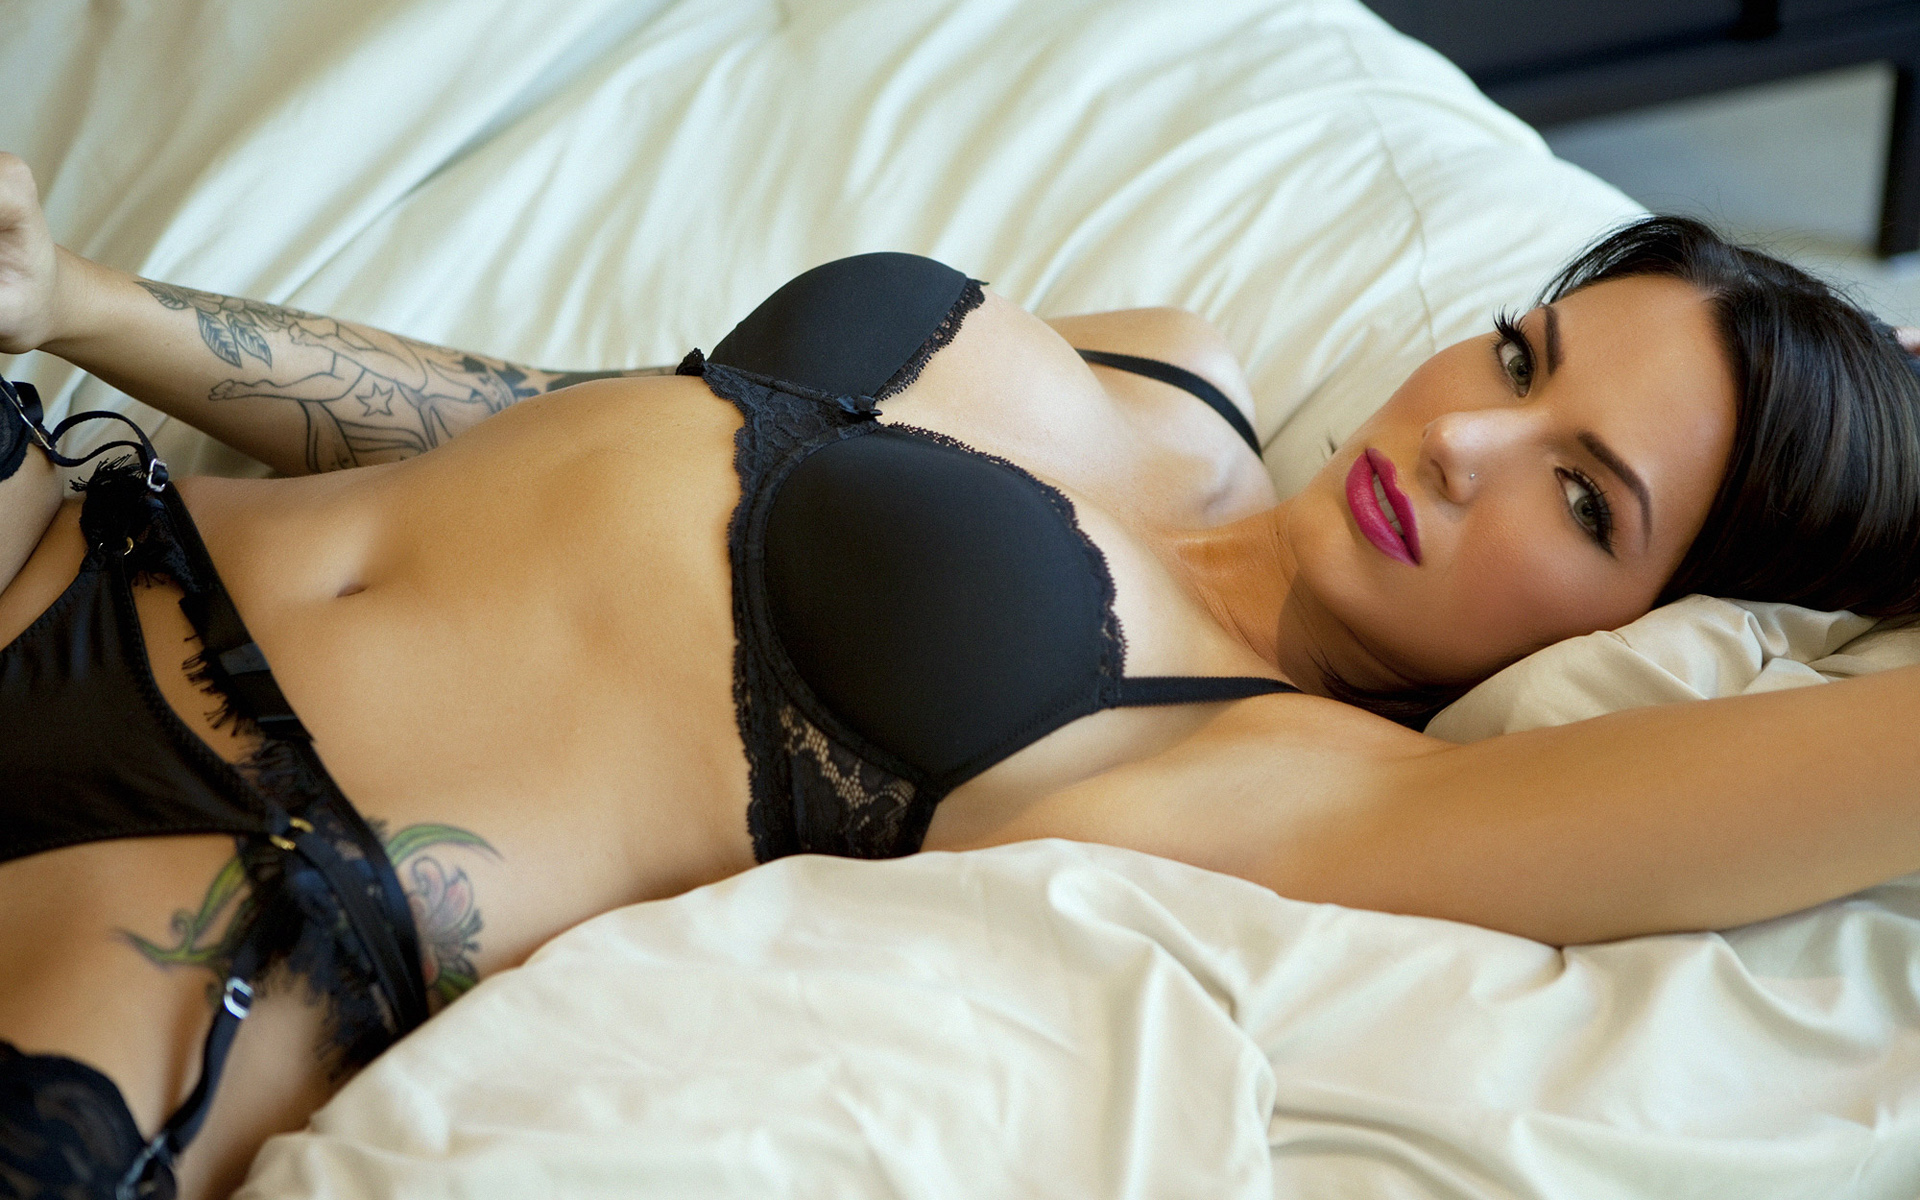 Erotic photo site